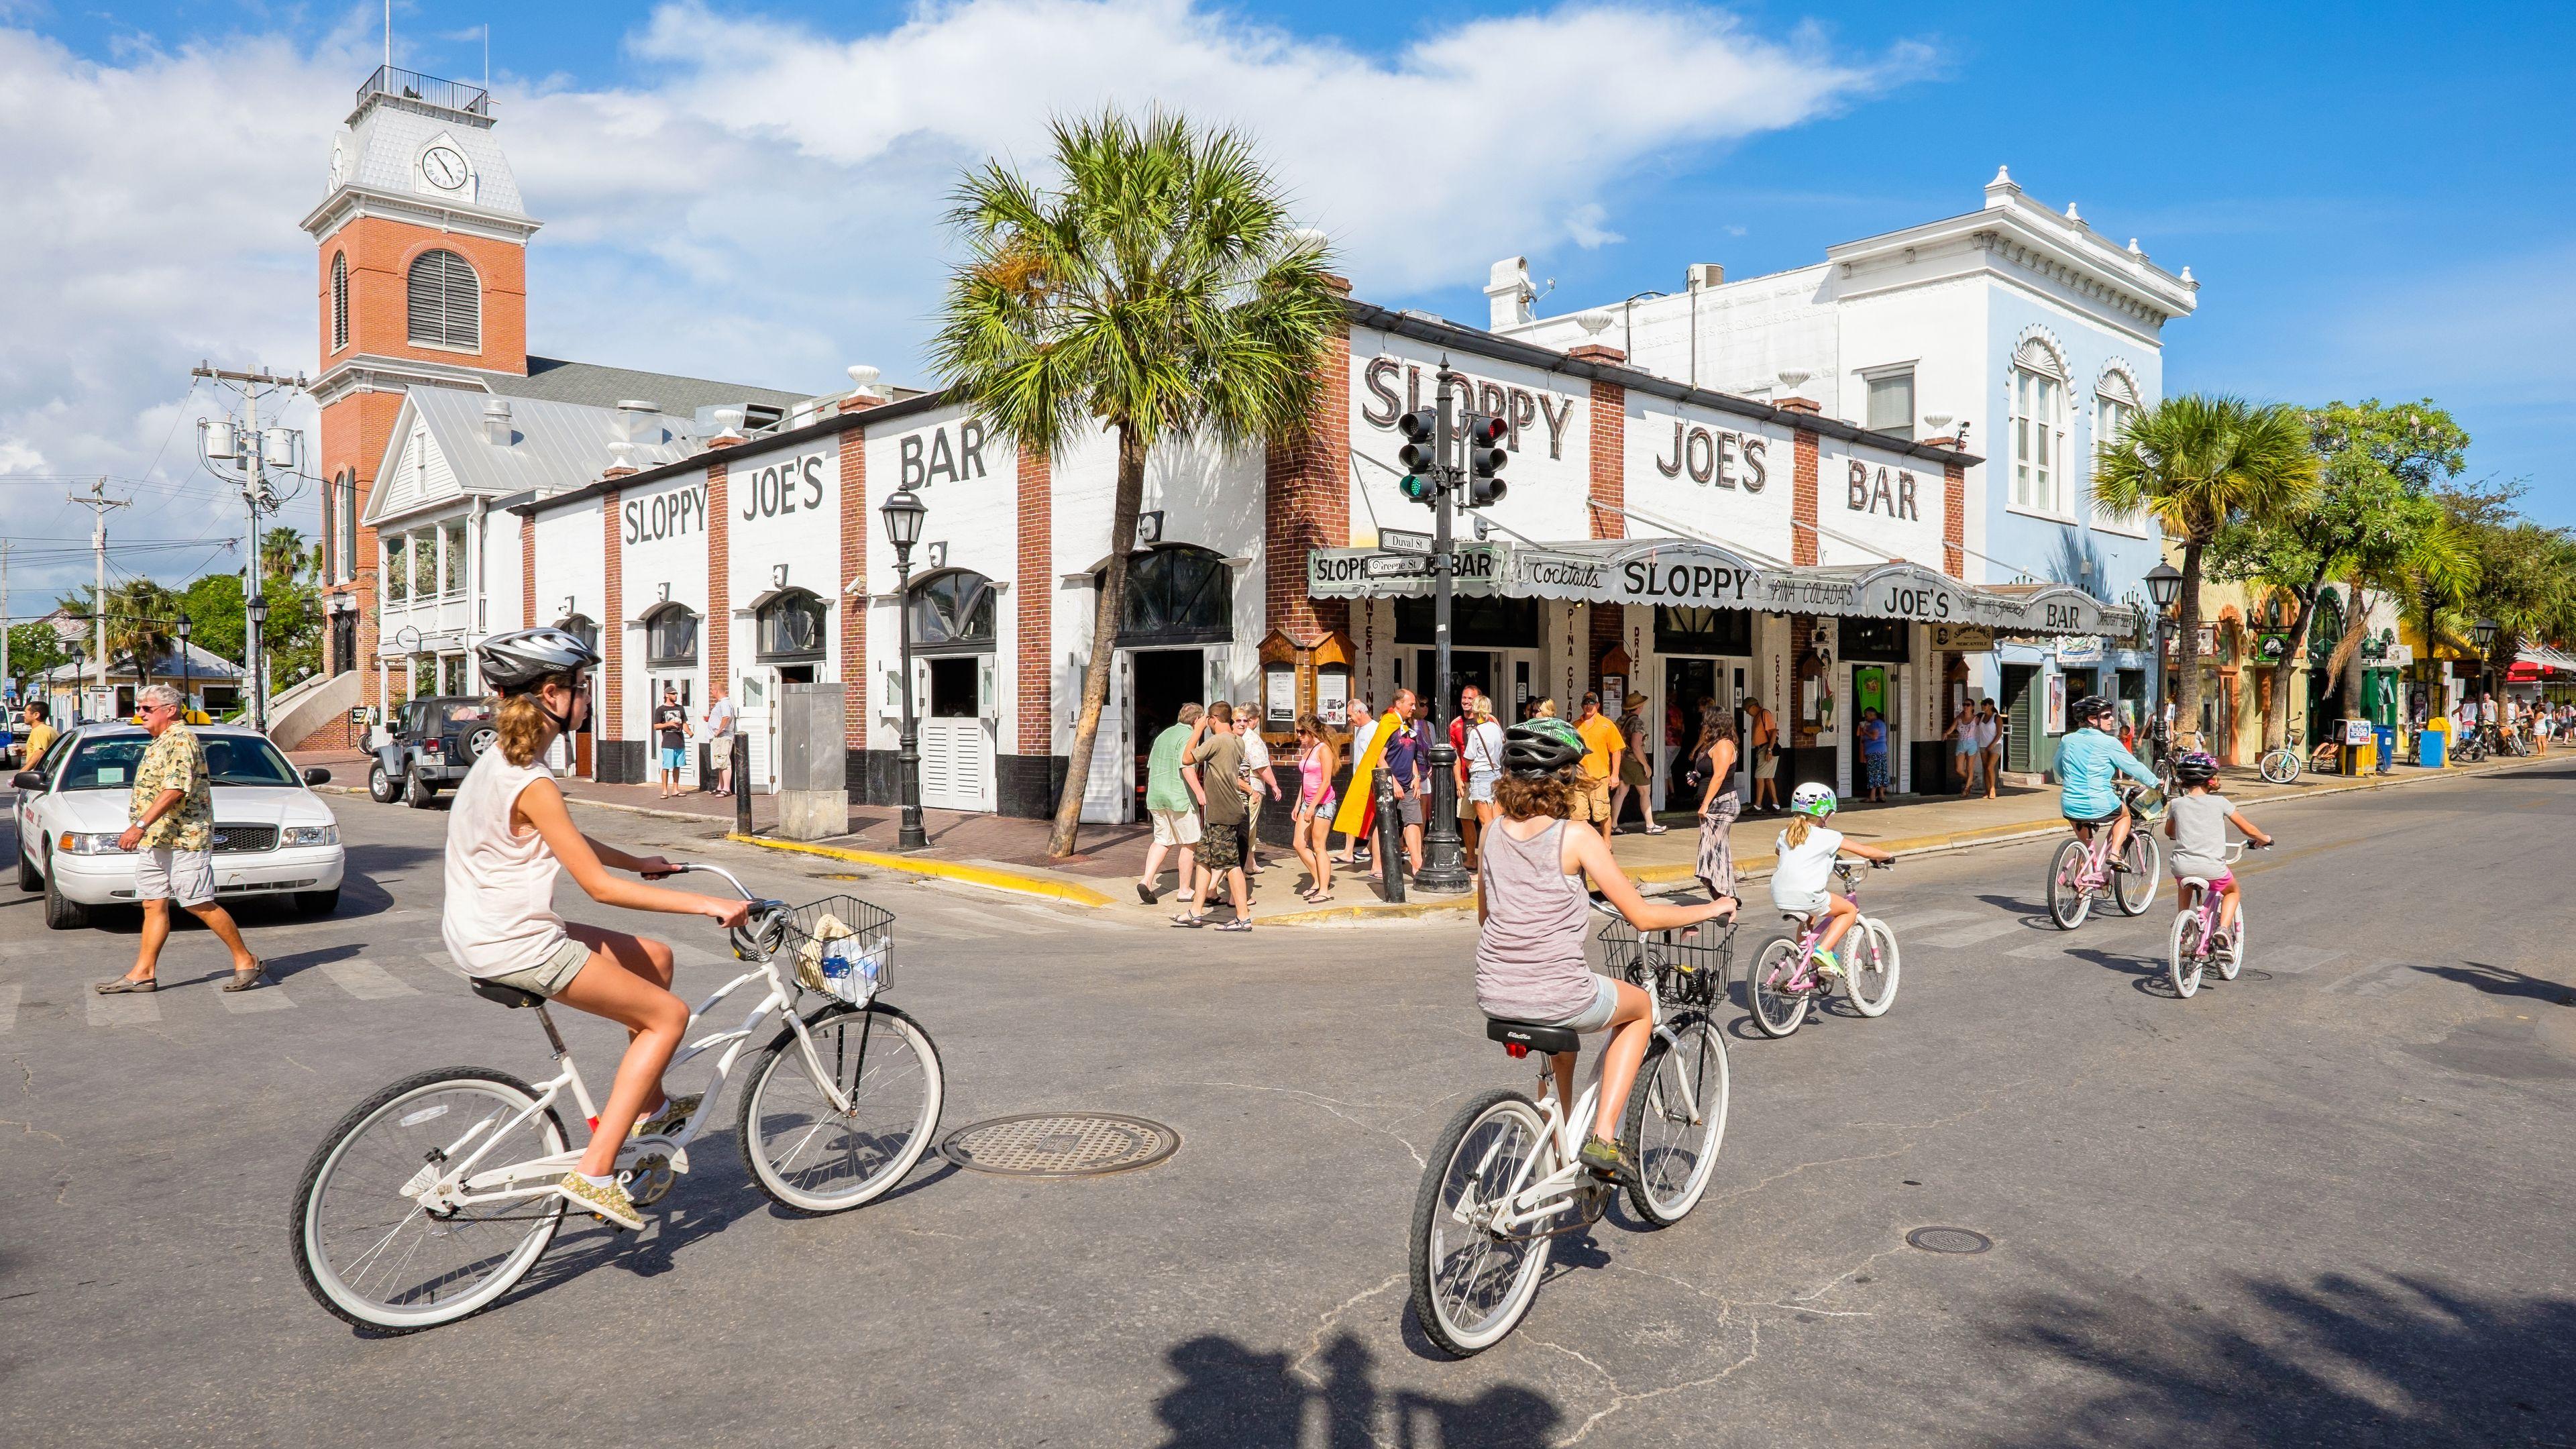 Riding bikes near a bar in Miami